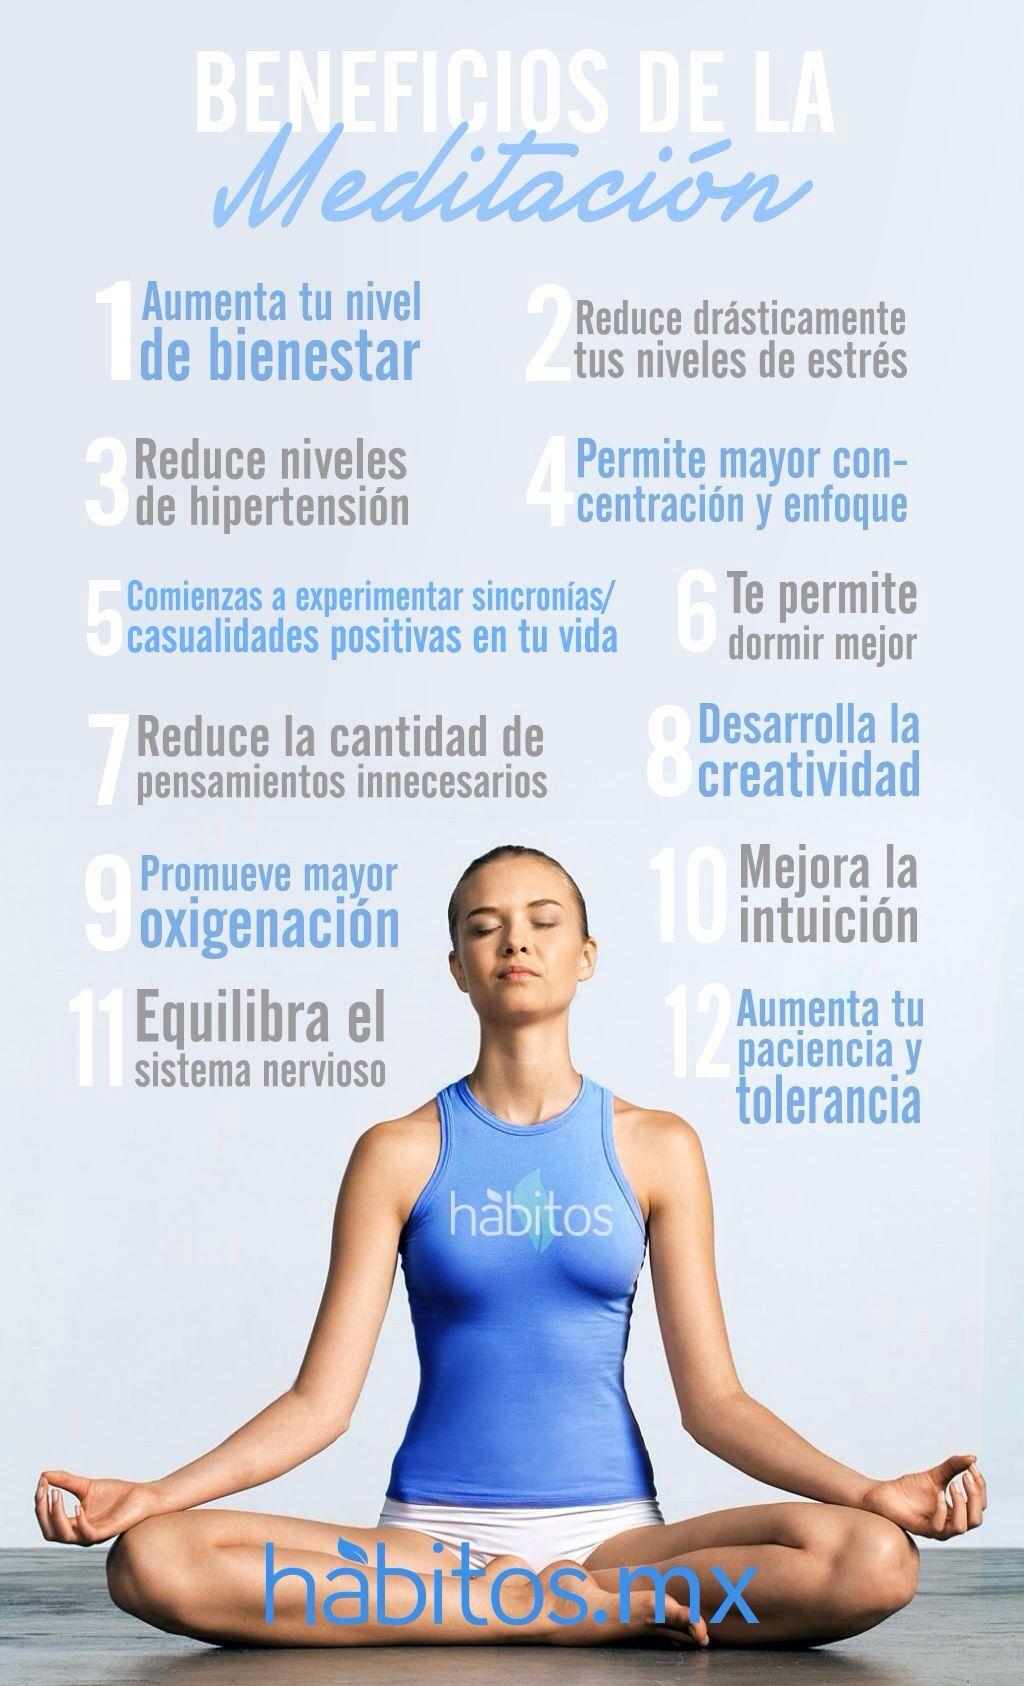 Beneficios de la  Meditacion  add7a88bdfa7